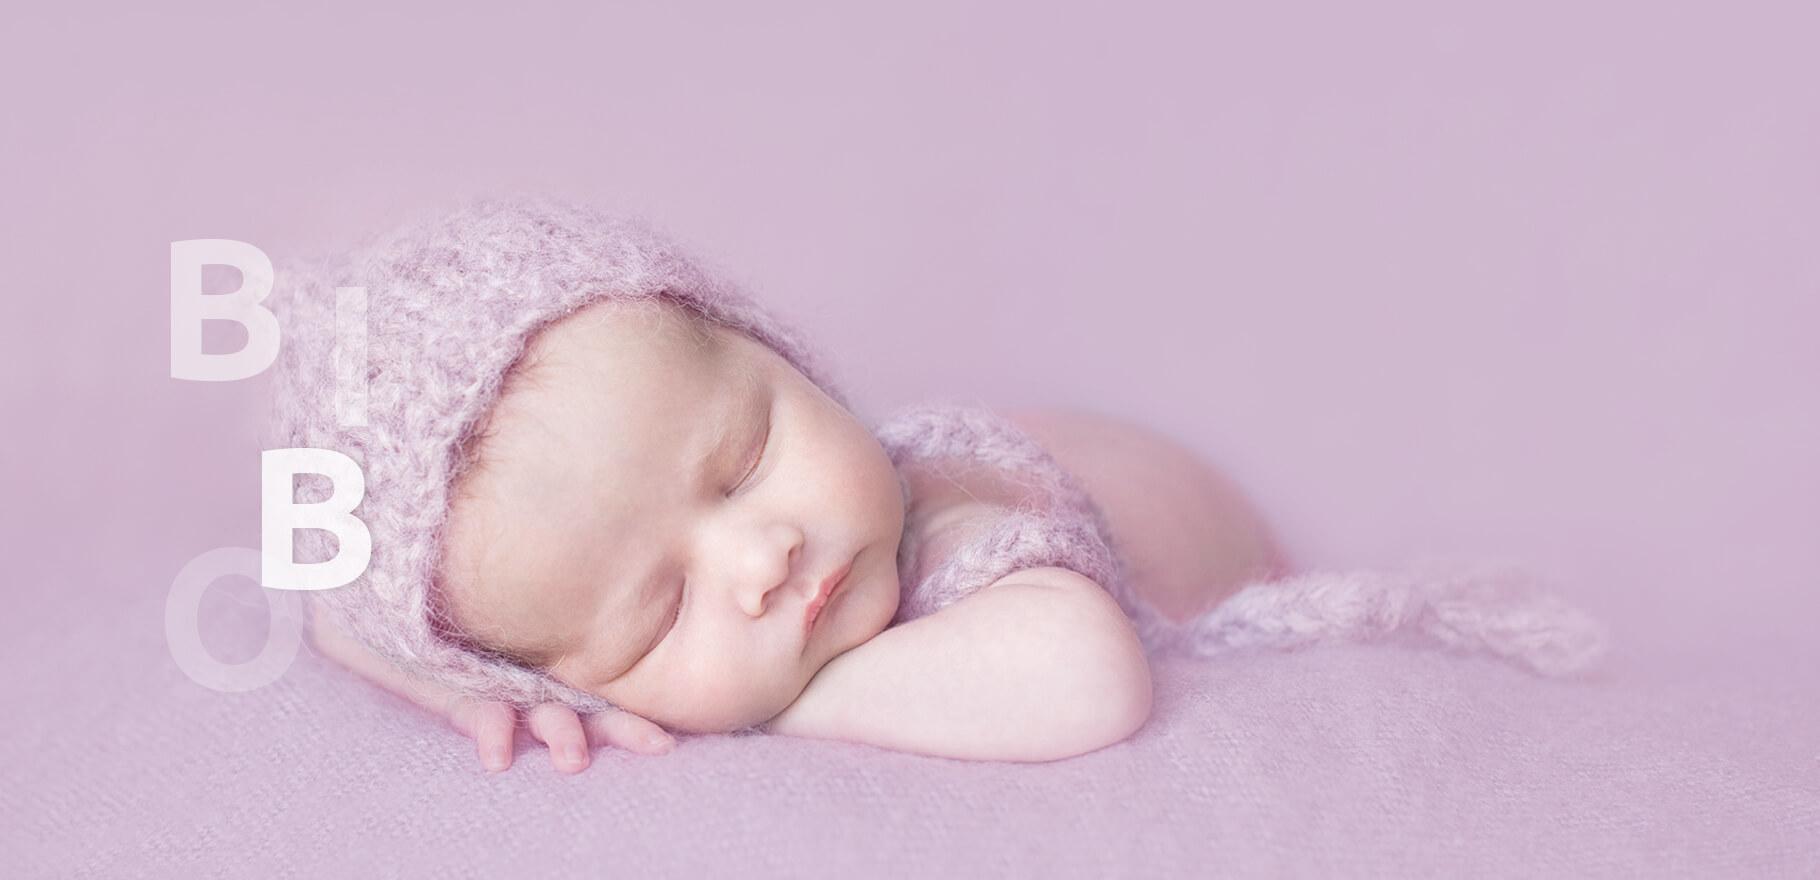 Bébés couchés